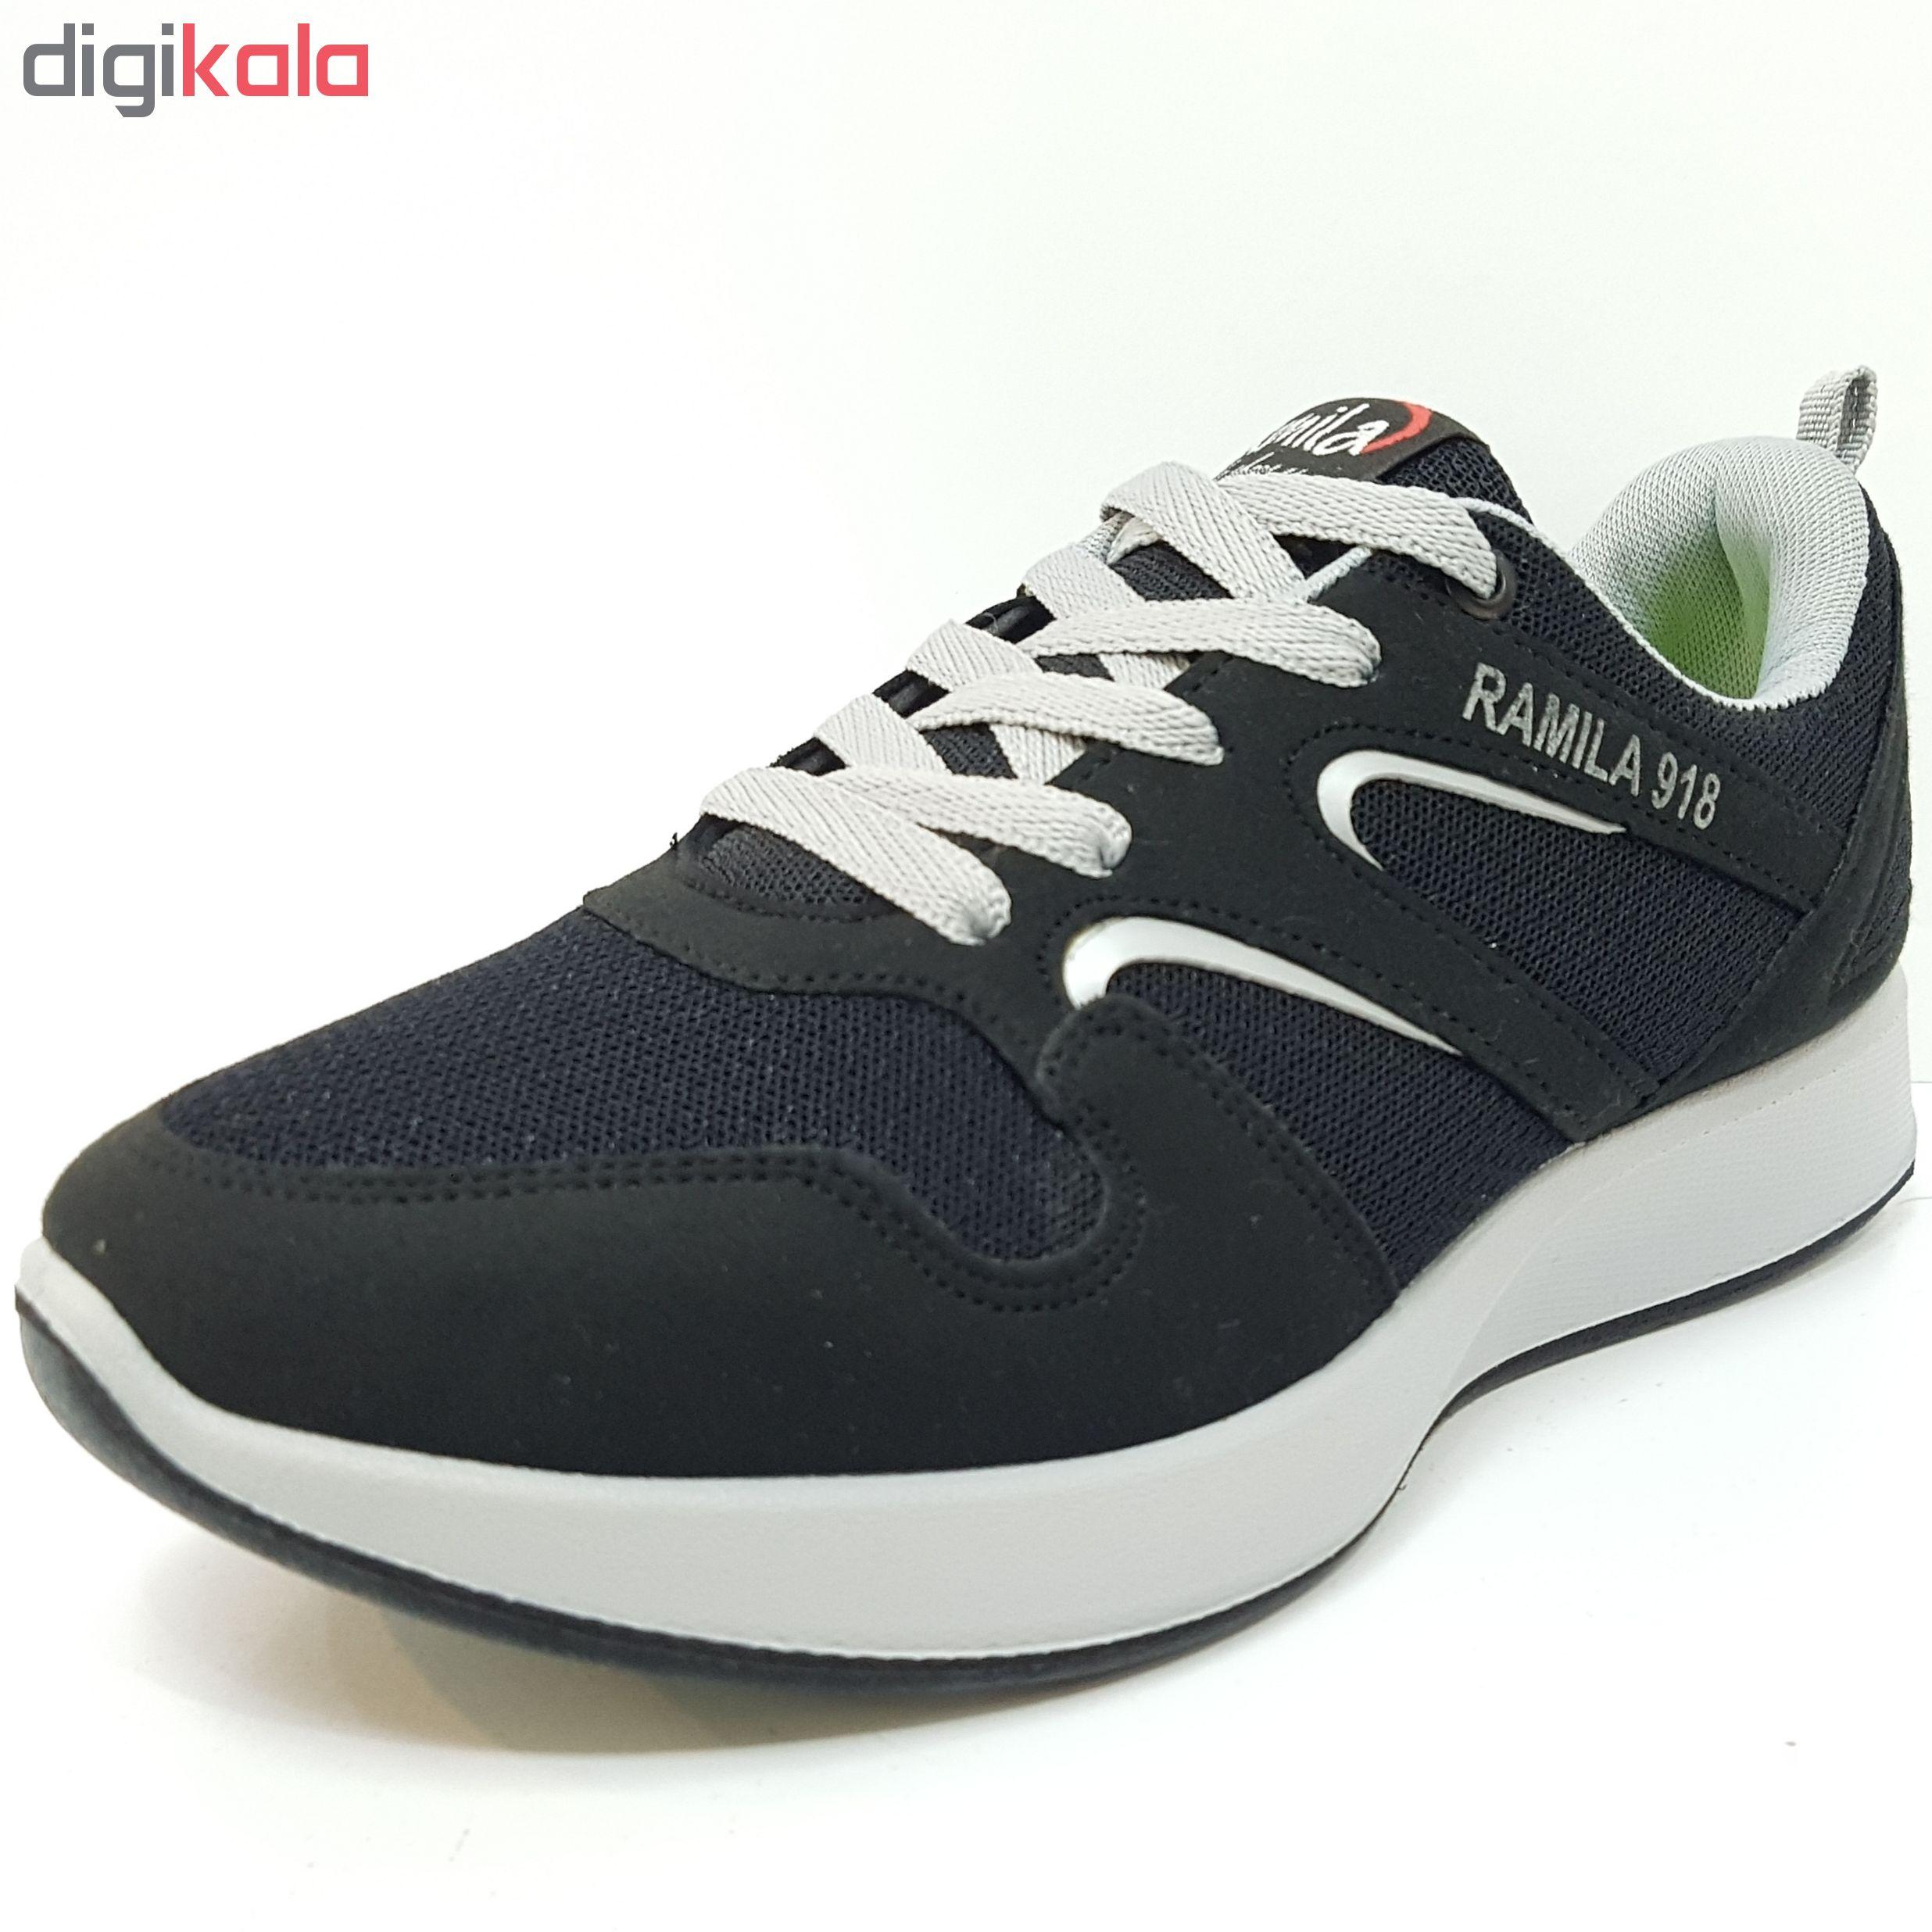 کفش مخصوص پیاده روی رامیلا مدل 918